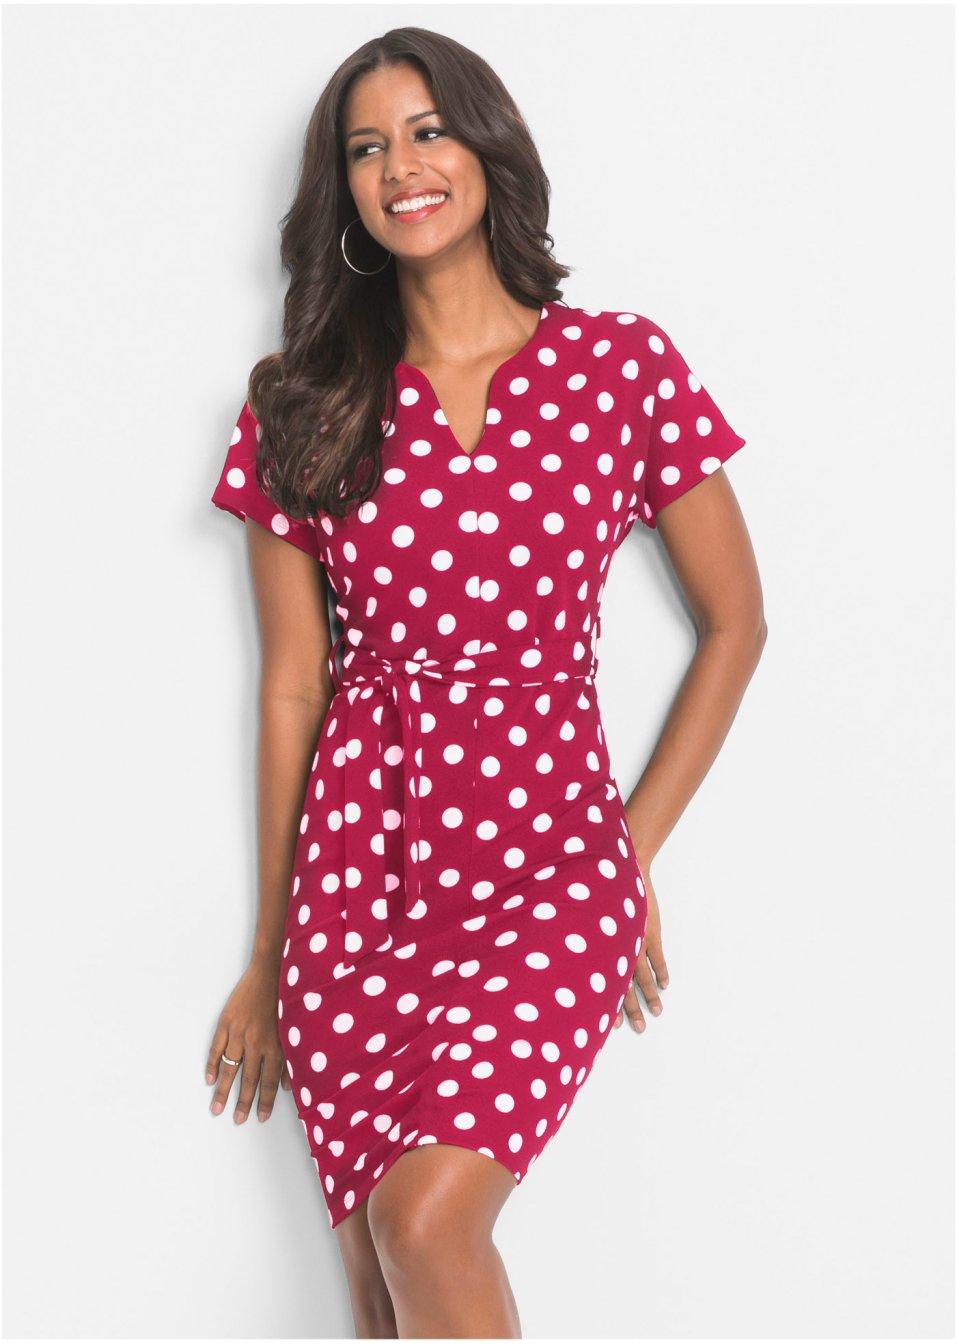 Kleid mit Punkten magenta/weiss - Damen - bonprix.ch